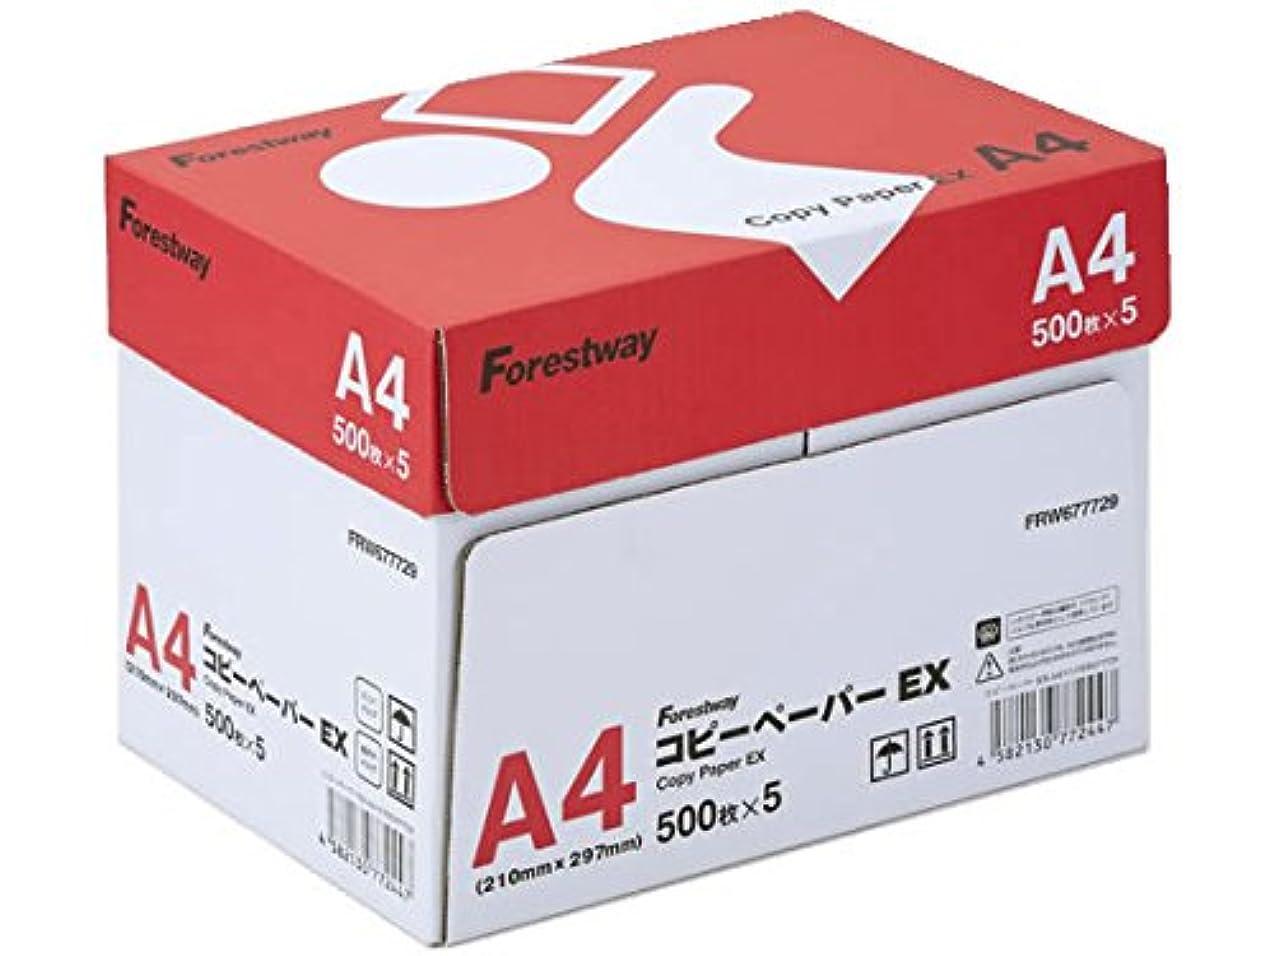 あえぎ過激派ぼんやりしたコピー用紙 A4 ホワイトコピー用紙 高白色 紙厚0.09mm 2500枚(500×5)